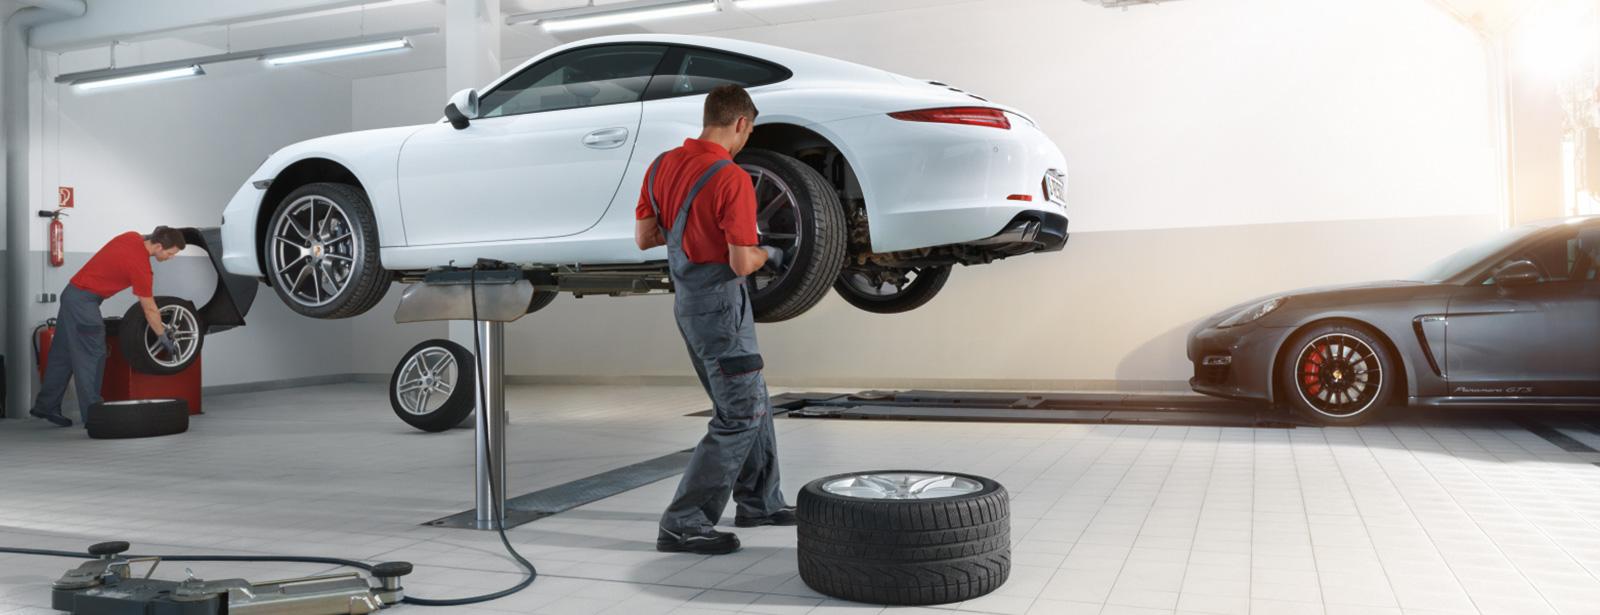 Räder/Reifeneinlagerung